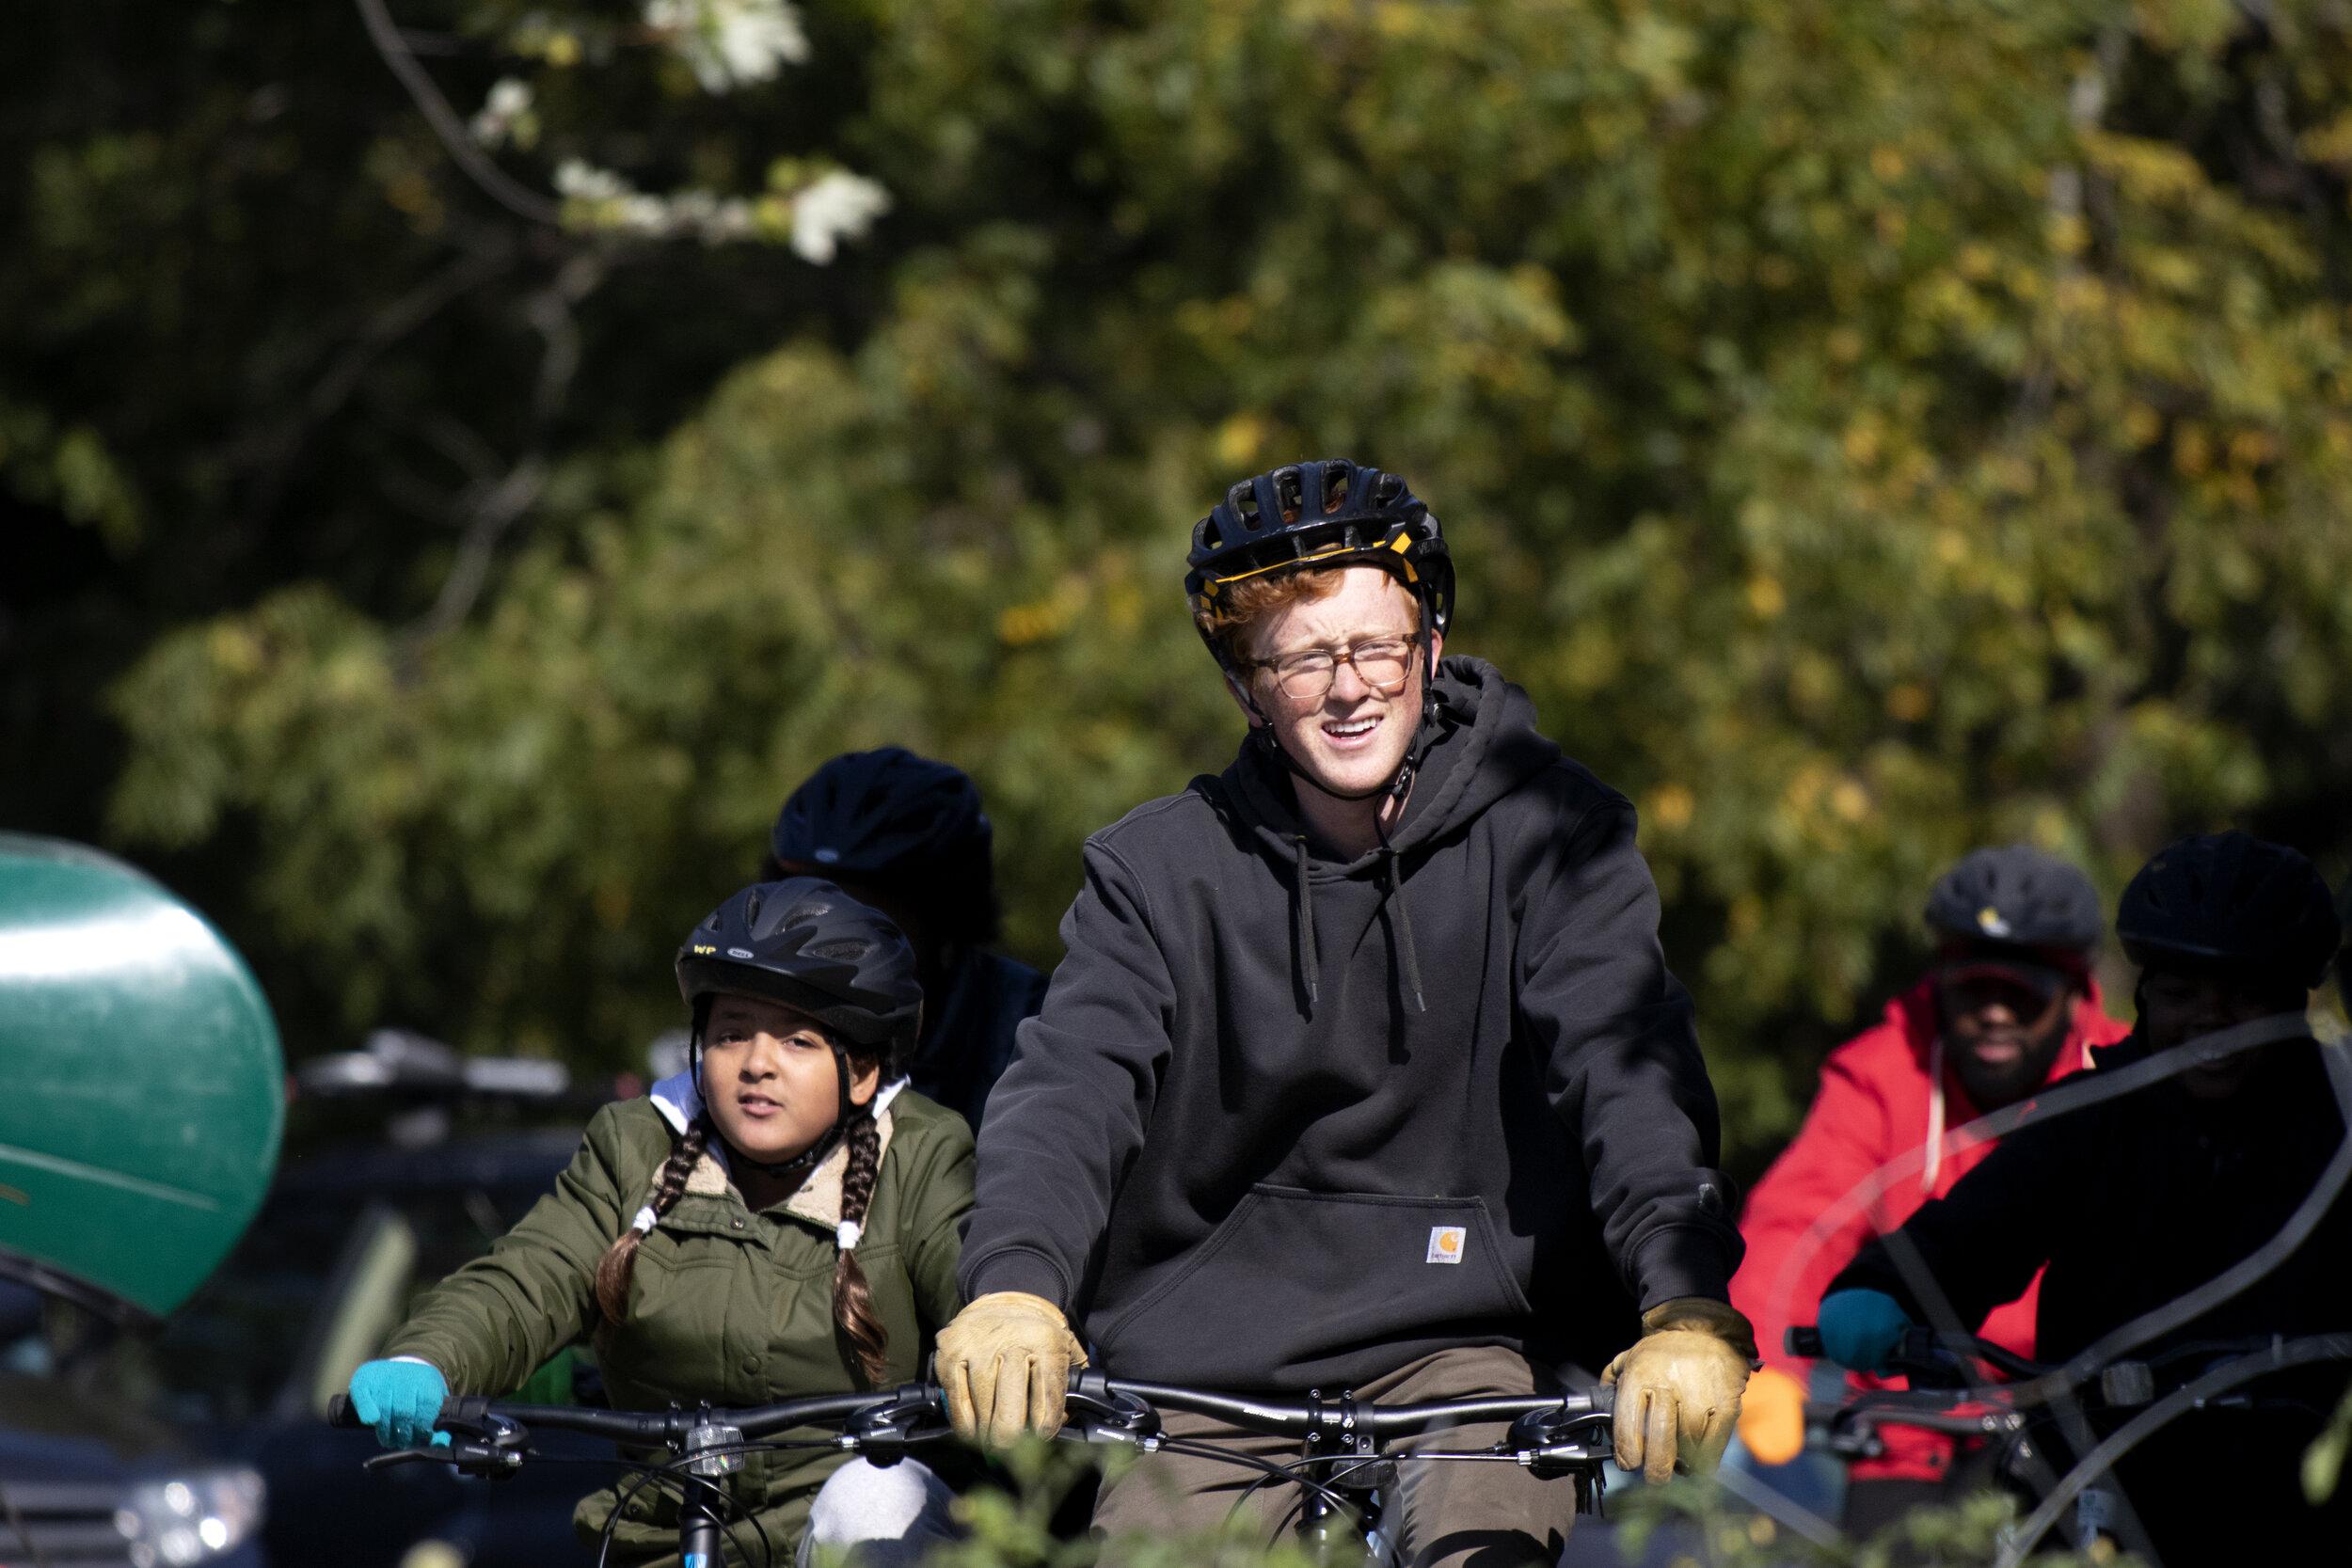 Autumn Celebration_Biking Pictures by Elliot Stevenson (7).jpg